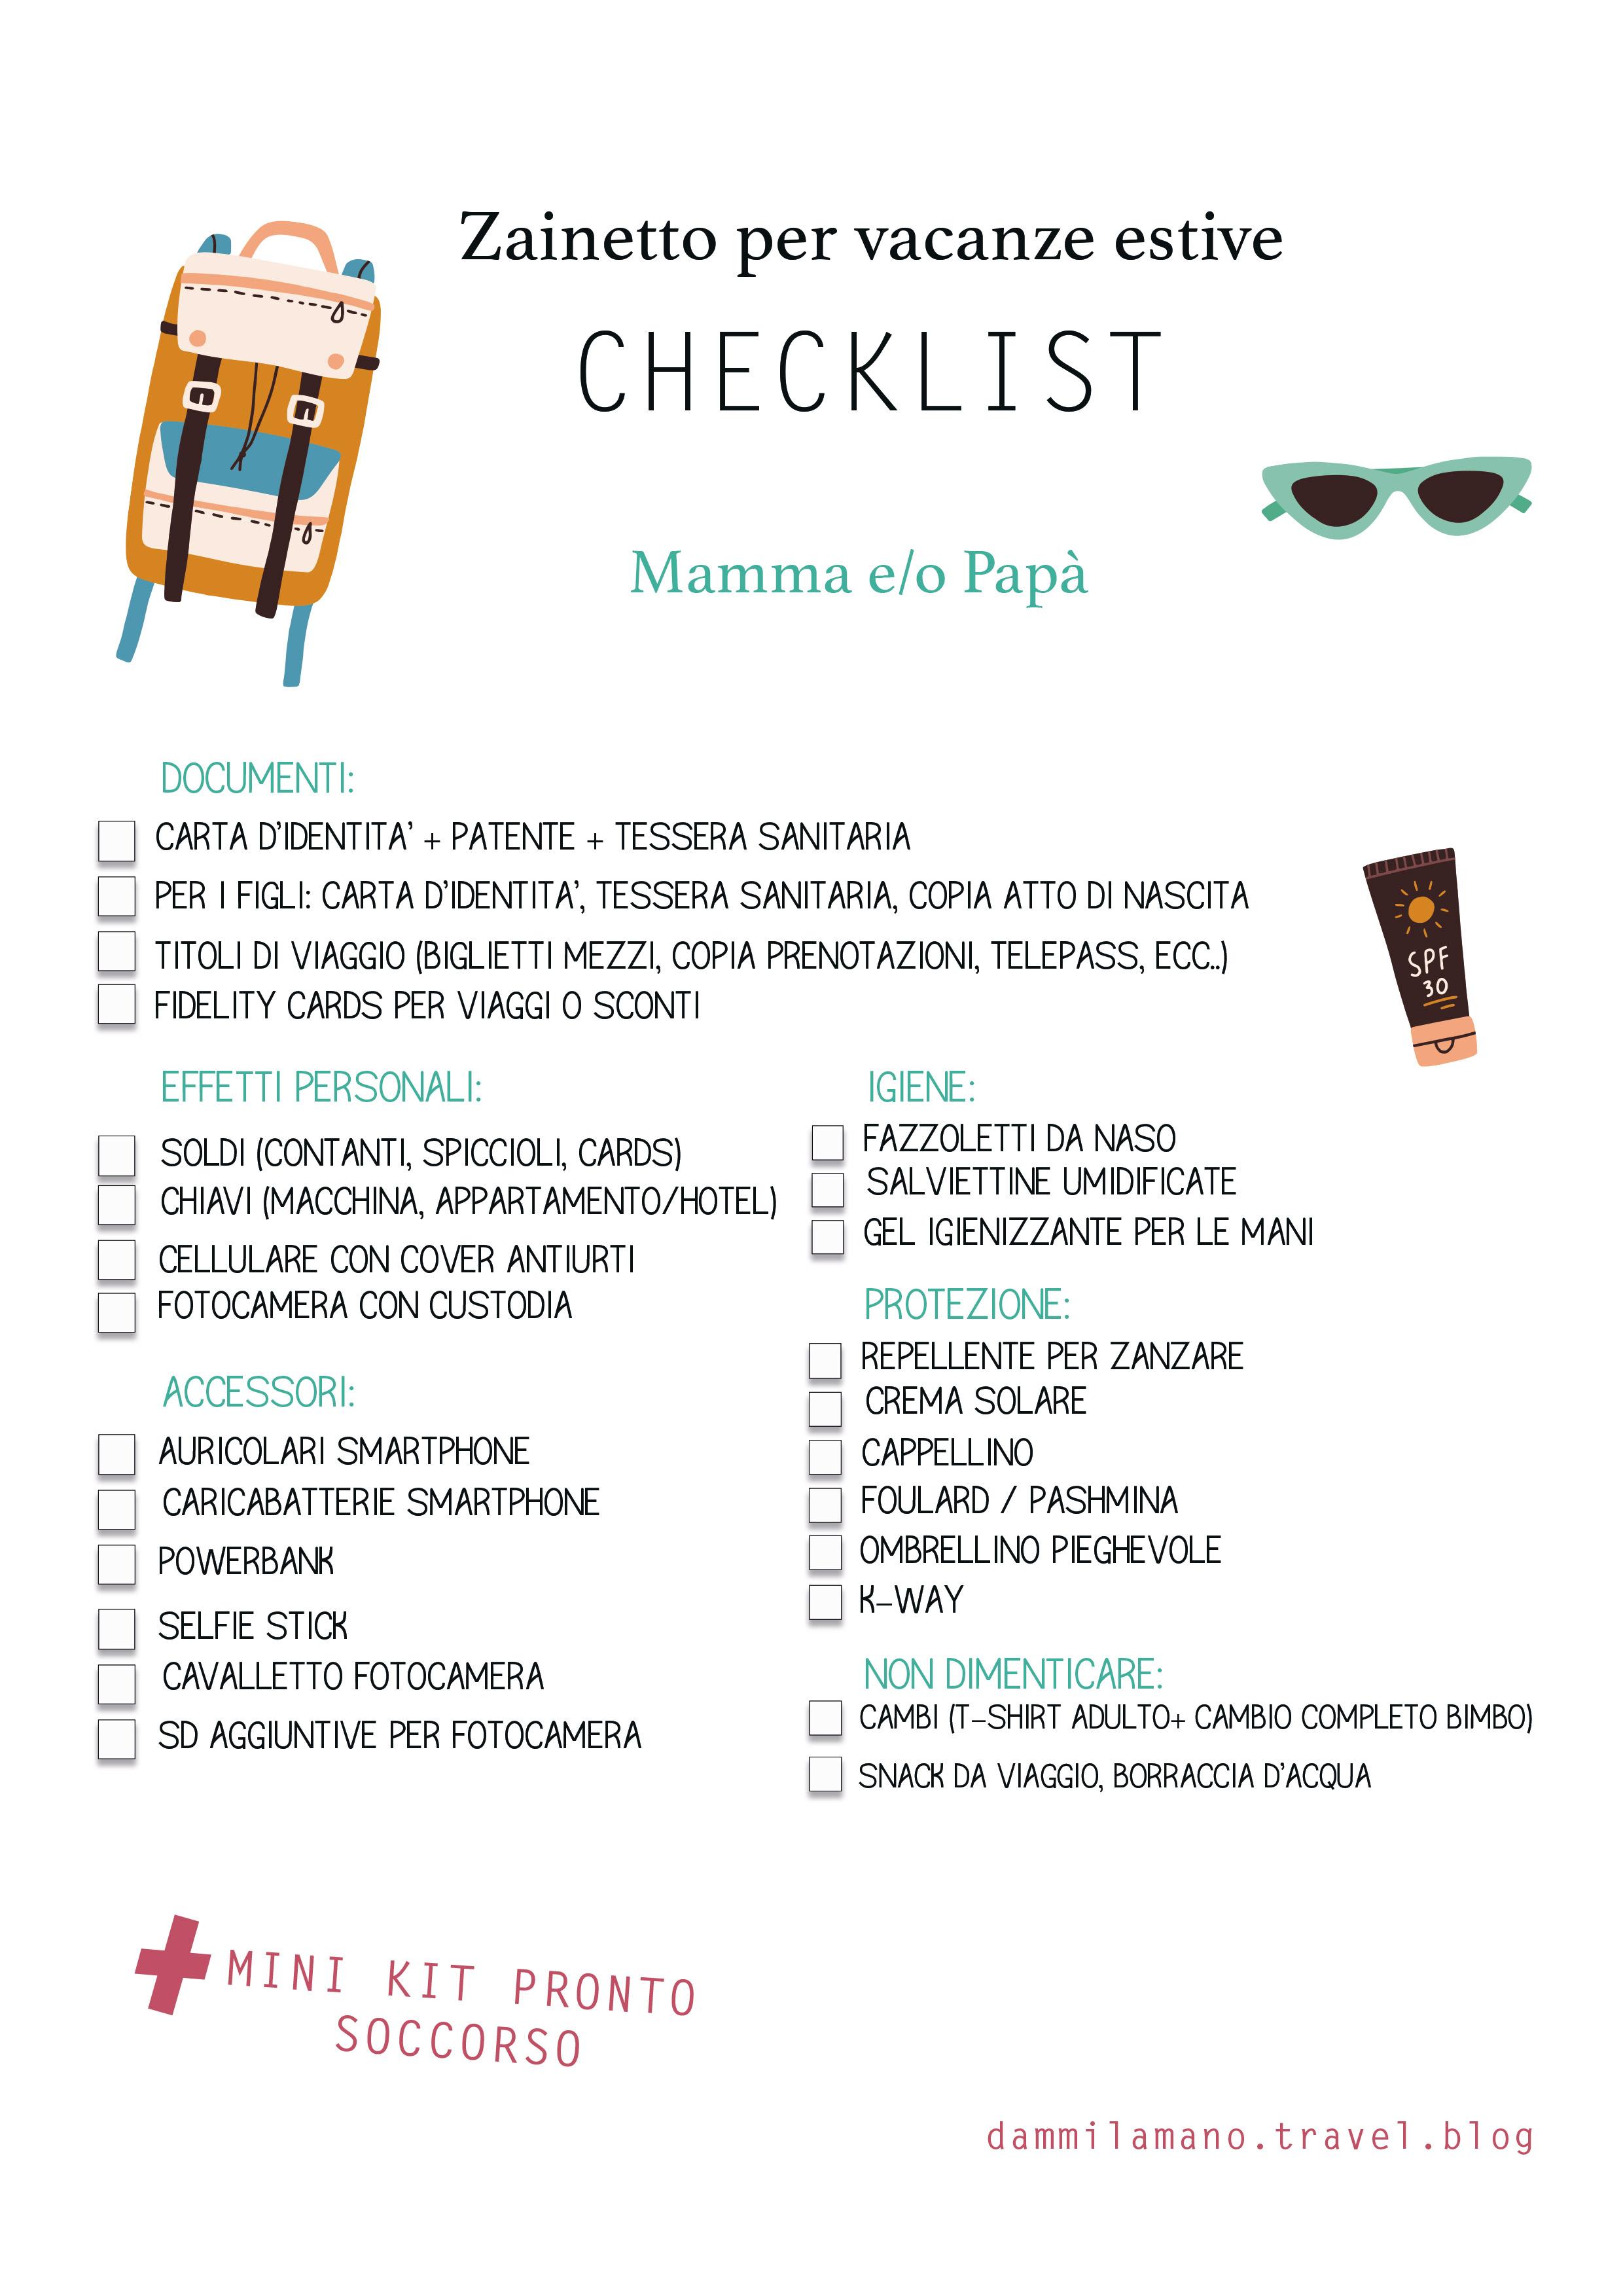 Checklist zainetto per vacanze estive